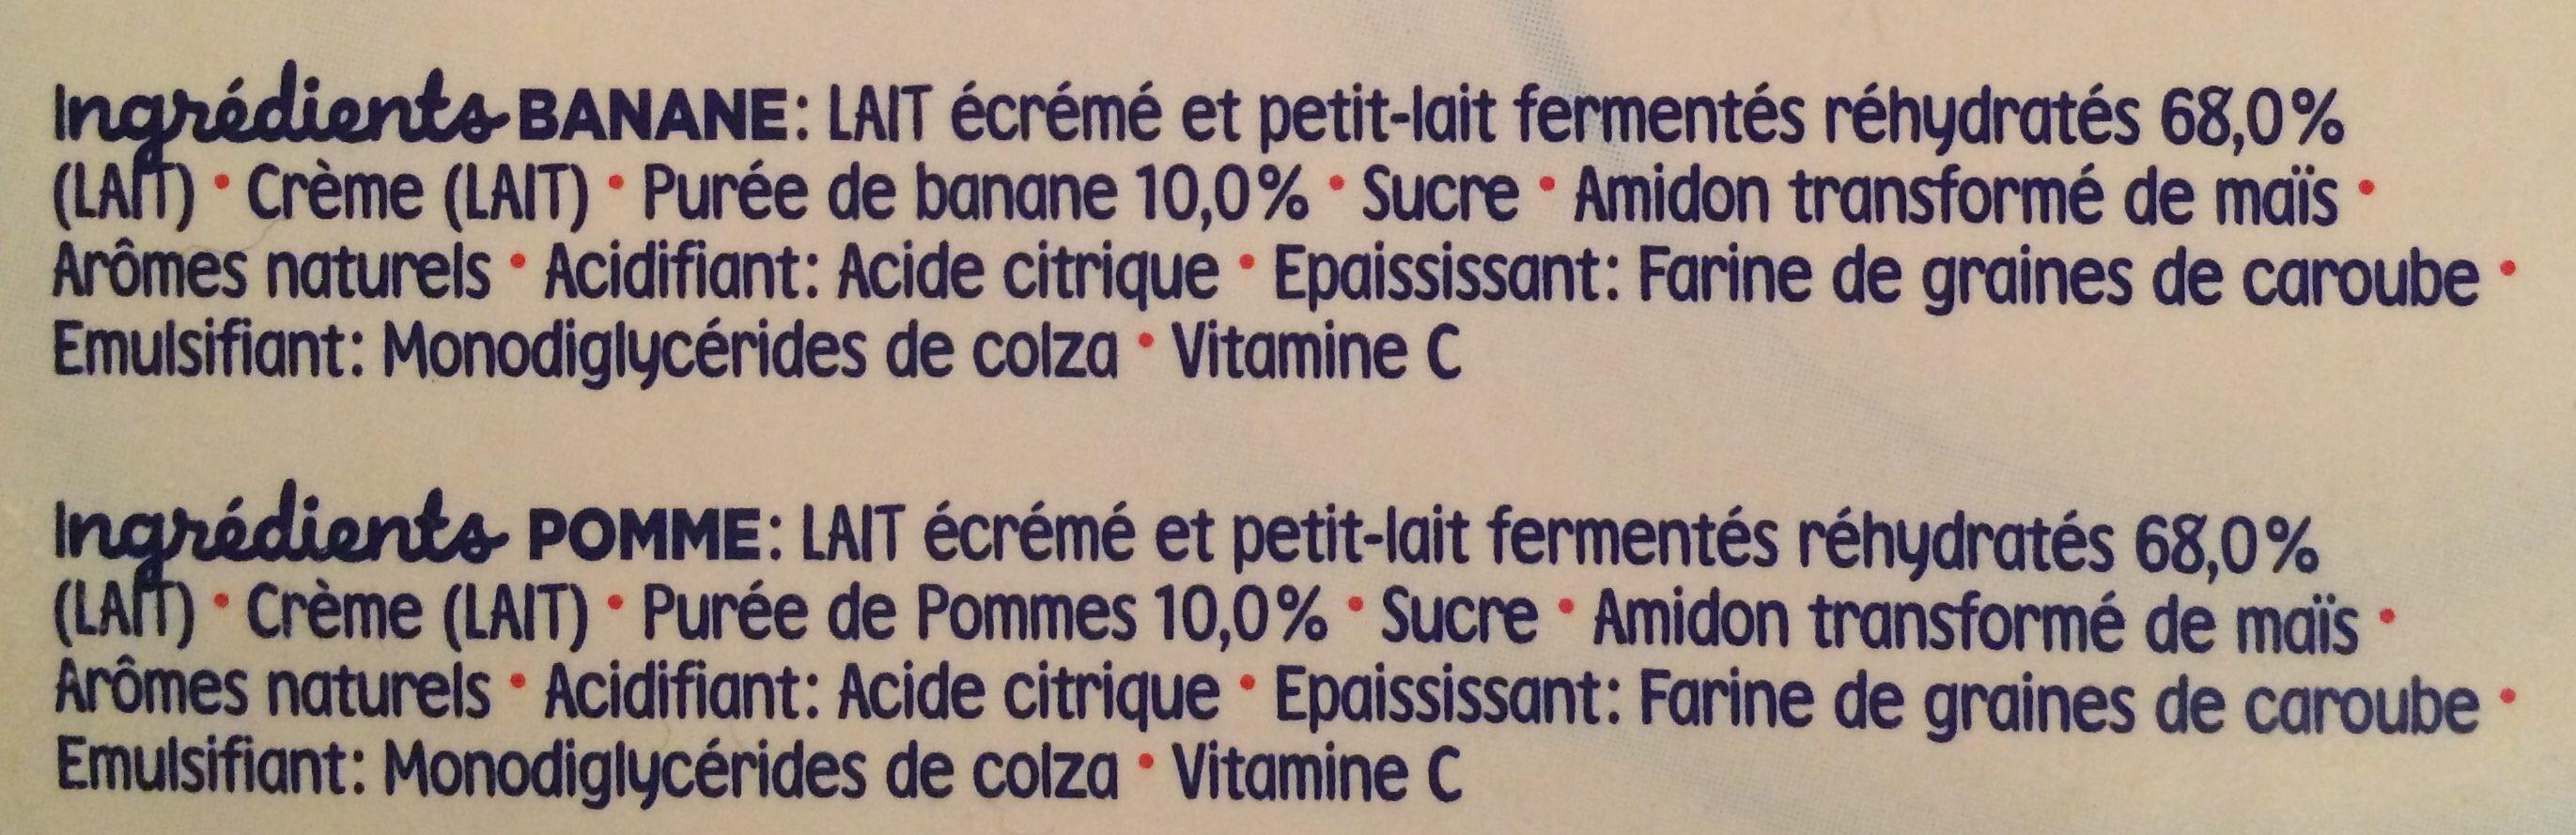 Mini lactes banane pomme - Ingrédients - fr